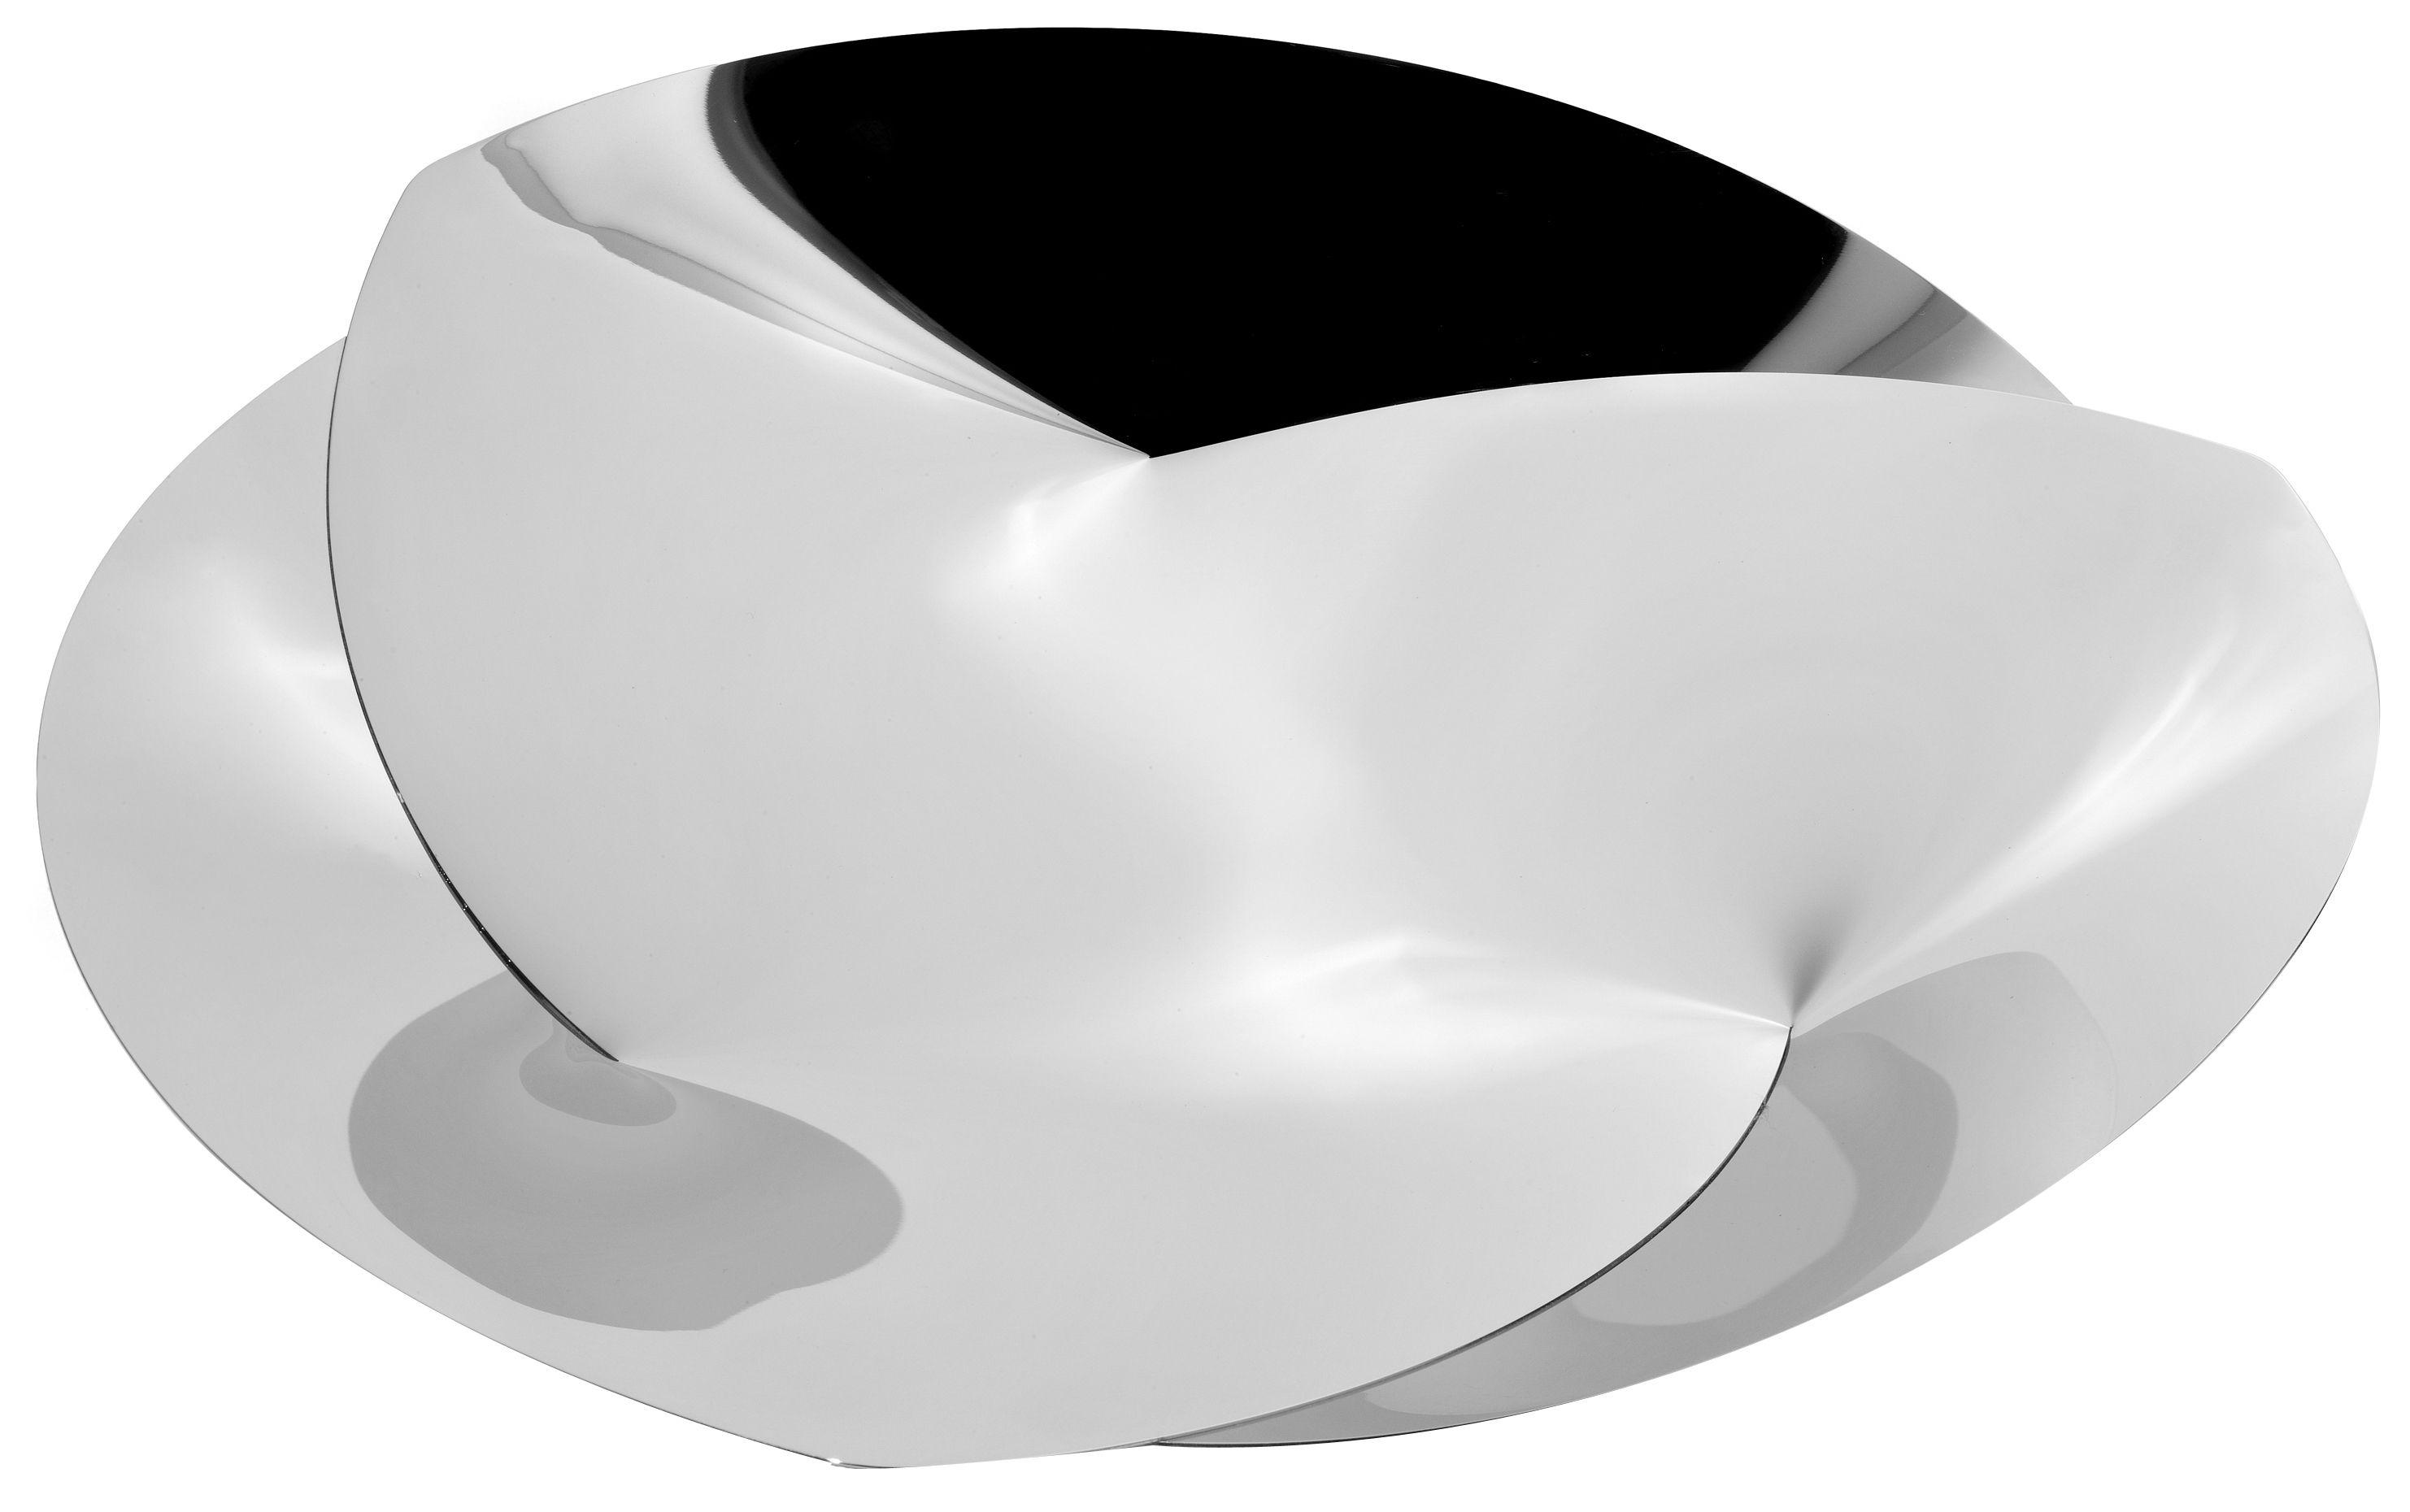 Tischkultur - Körbe, Fruchtkörbe und Tischgestecke - Resonance Tischgesteck Ø 60 cm - Alessi - Stahl - rostfreier Stahl